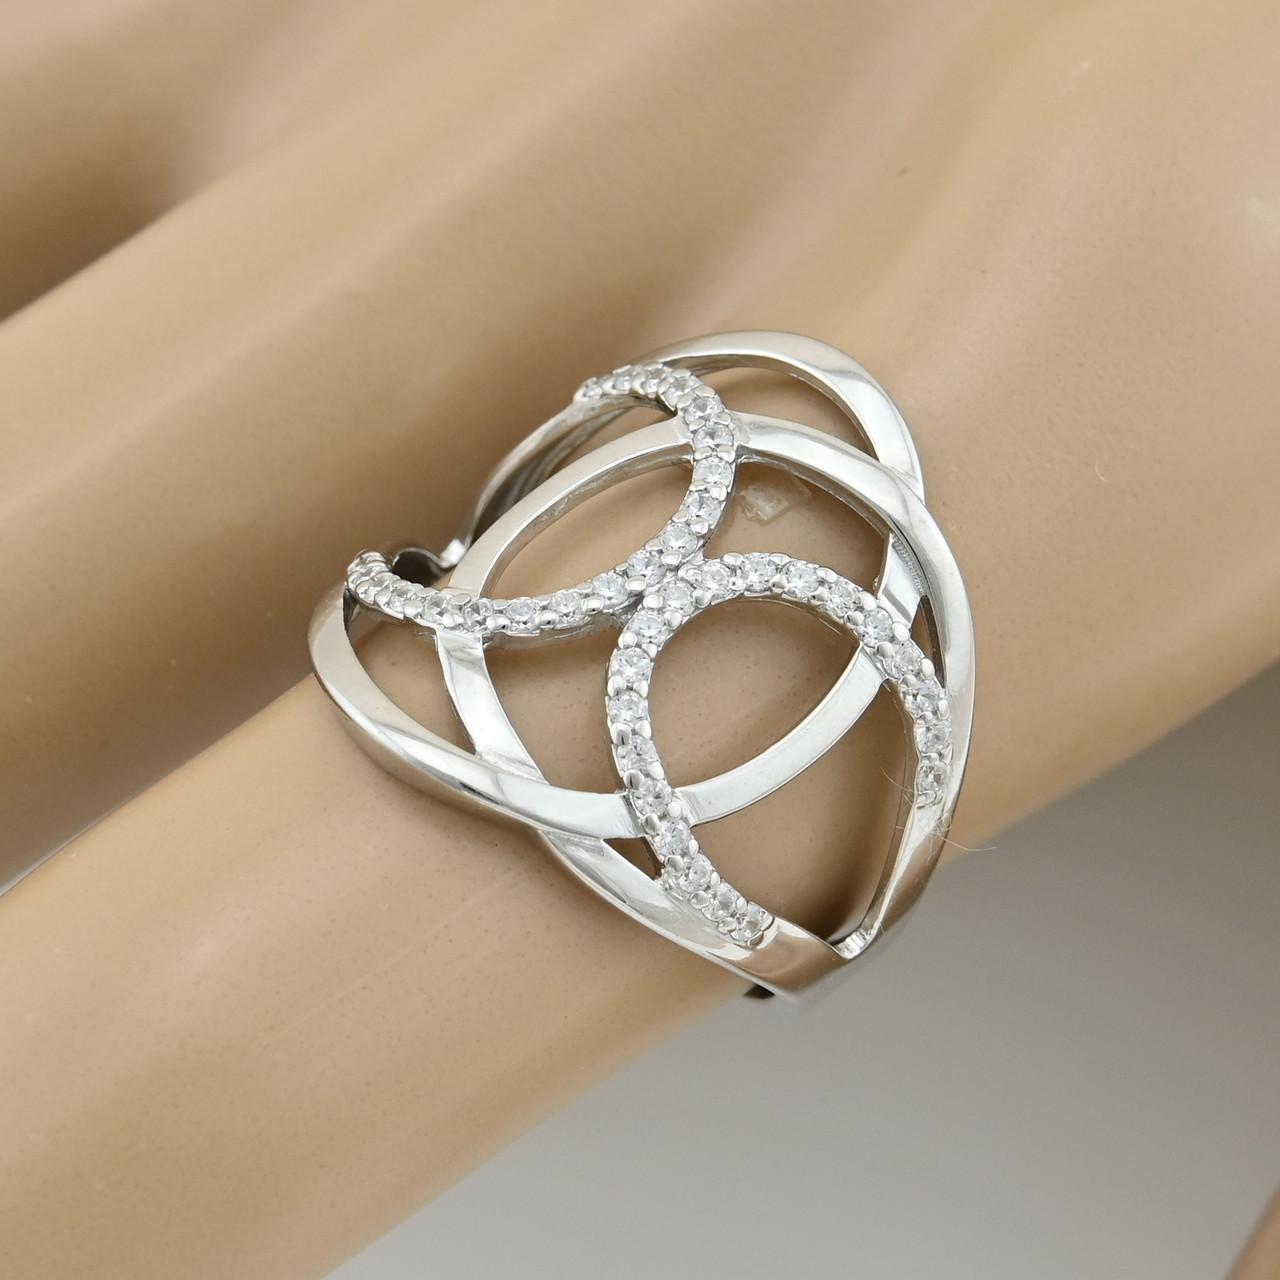 Серебряное кольцо Ш729 размер 18 вставка белые фианиты вес 3.2 г